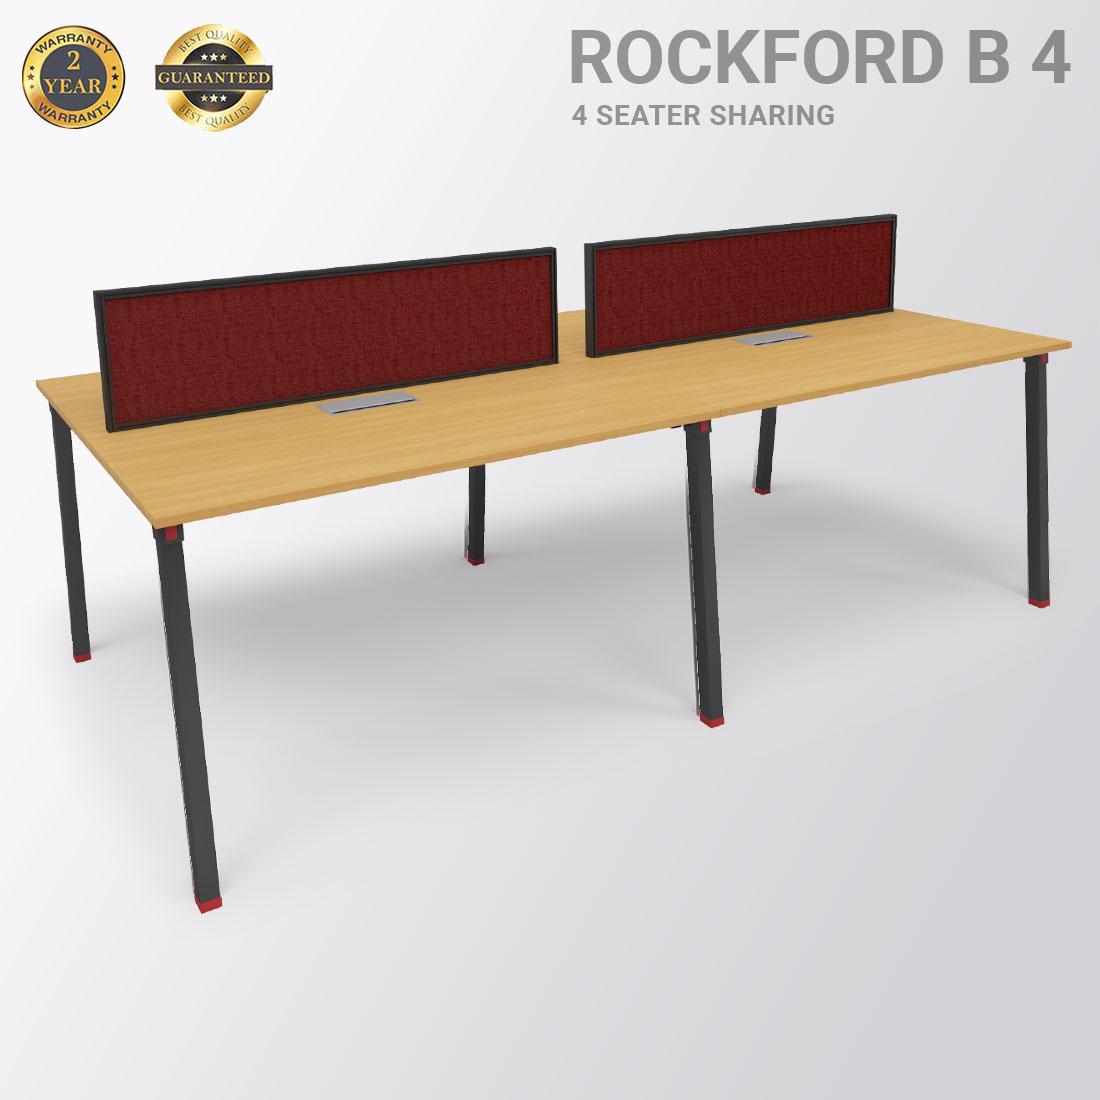 Rockford B 4  Seater  Sharing